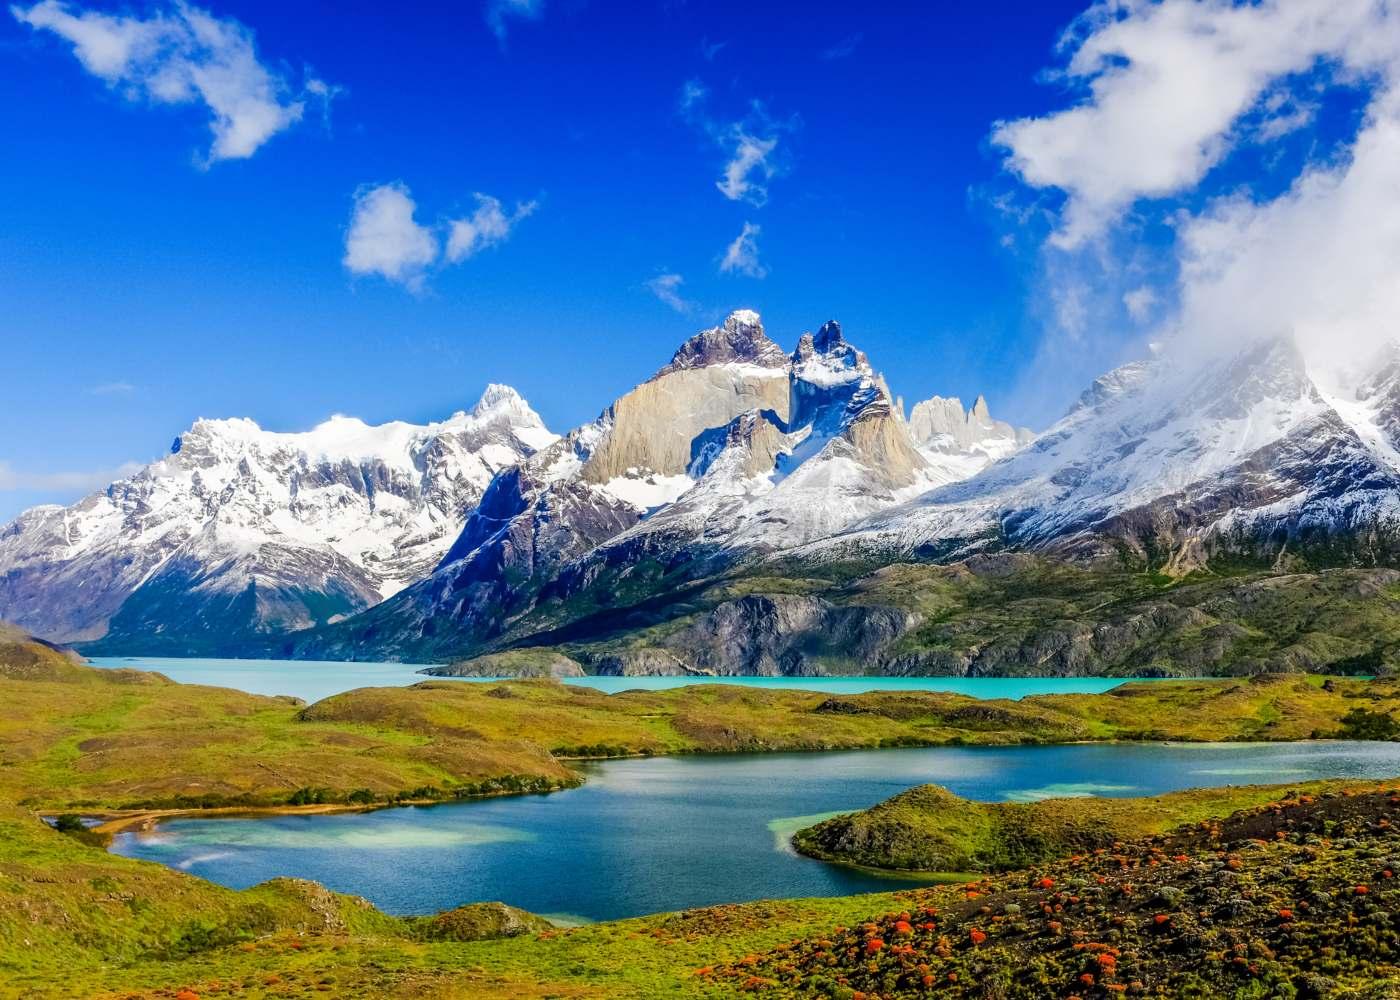 Lagos e montanhas na Argentina